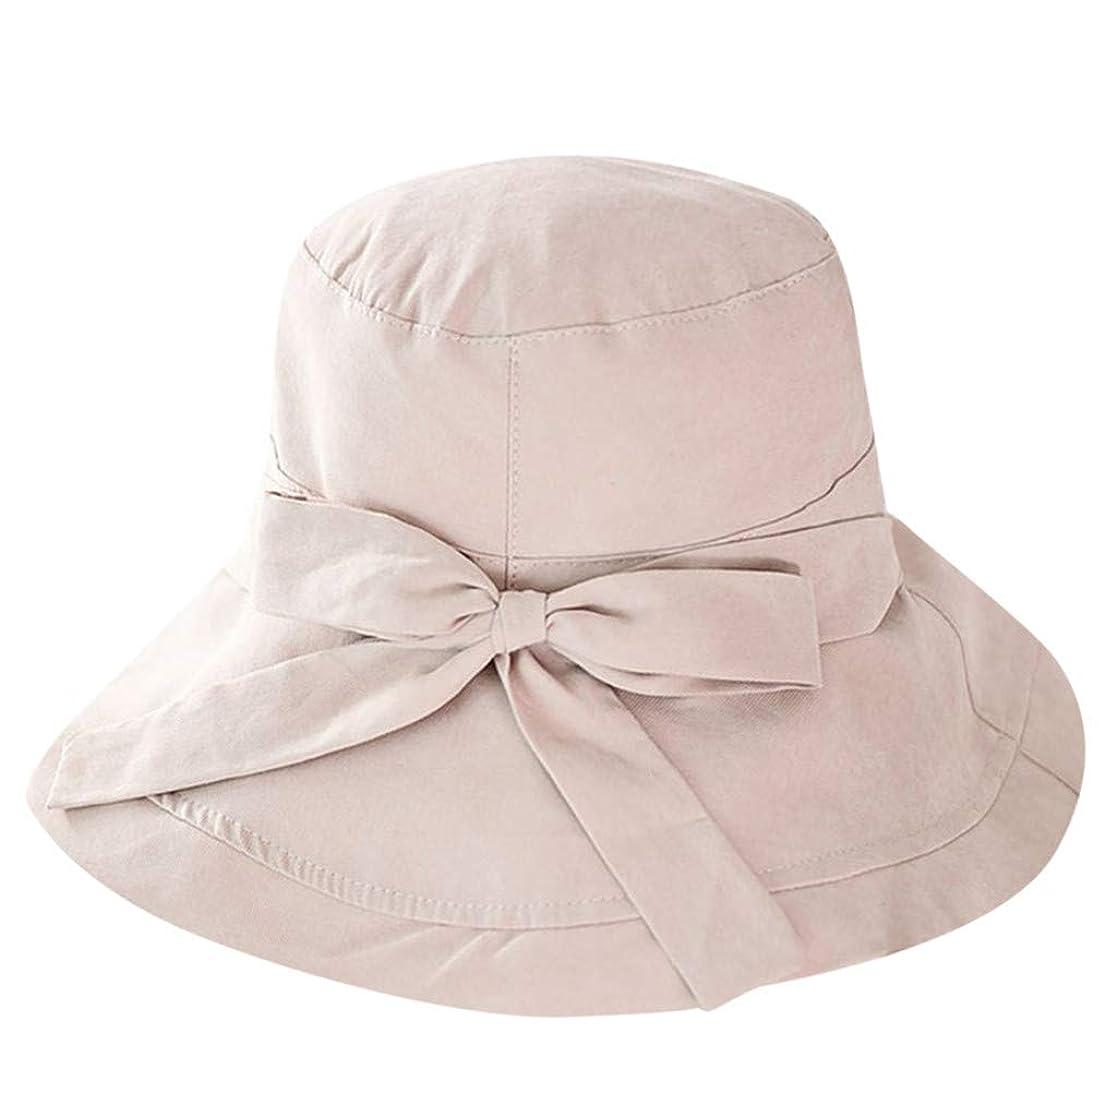 始まり火曜日現象Kaiweini レディース夏漁夫帽カジュアル日よけバイザービッグエッジクロスキャップ人気の屋外折りたたみビーチキャップチャイルドハット日焼け止め太陽帽